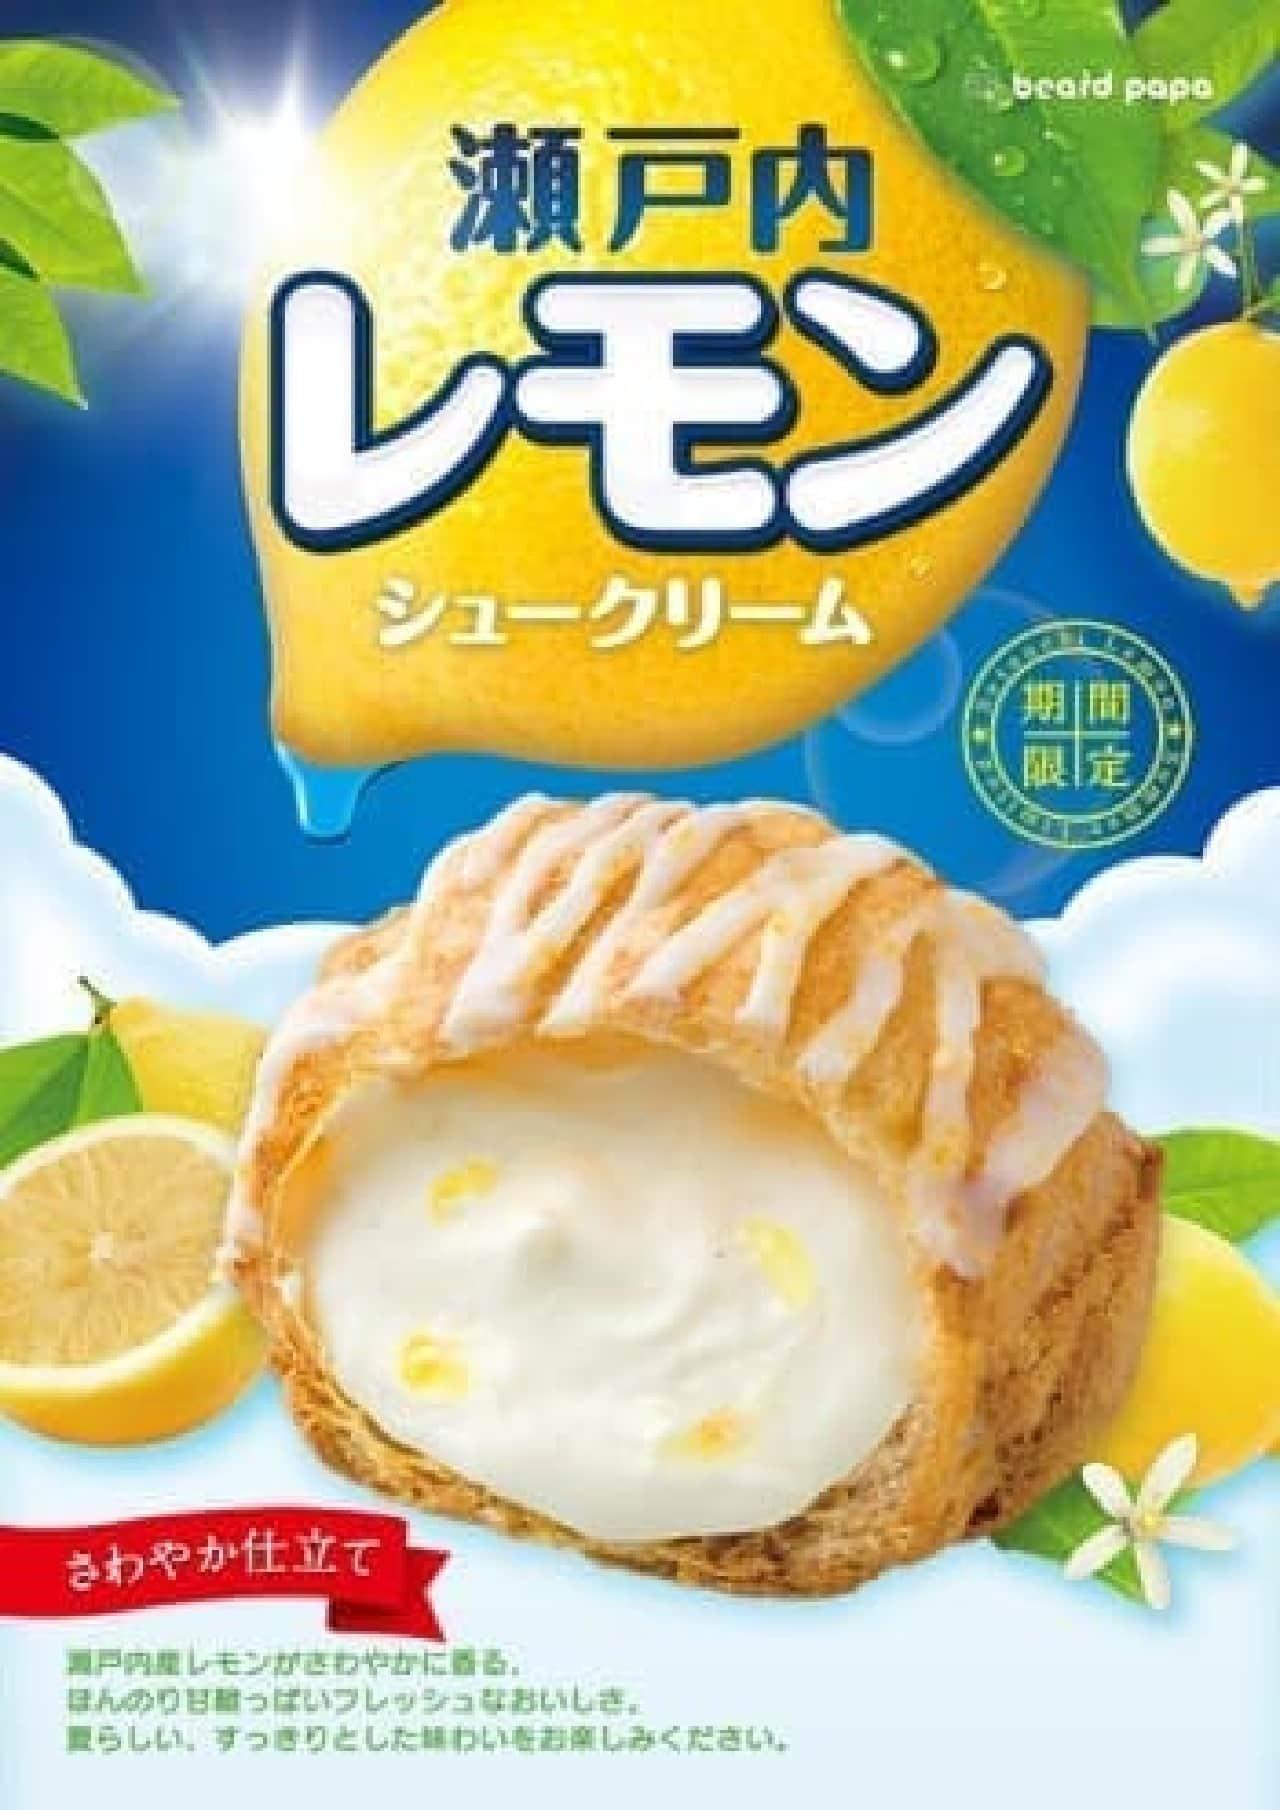 ビアードパパ「瀬戸内レモンシュークリーム」